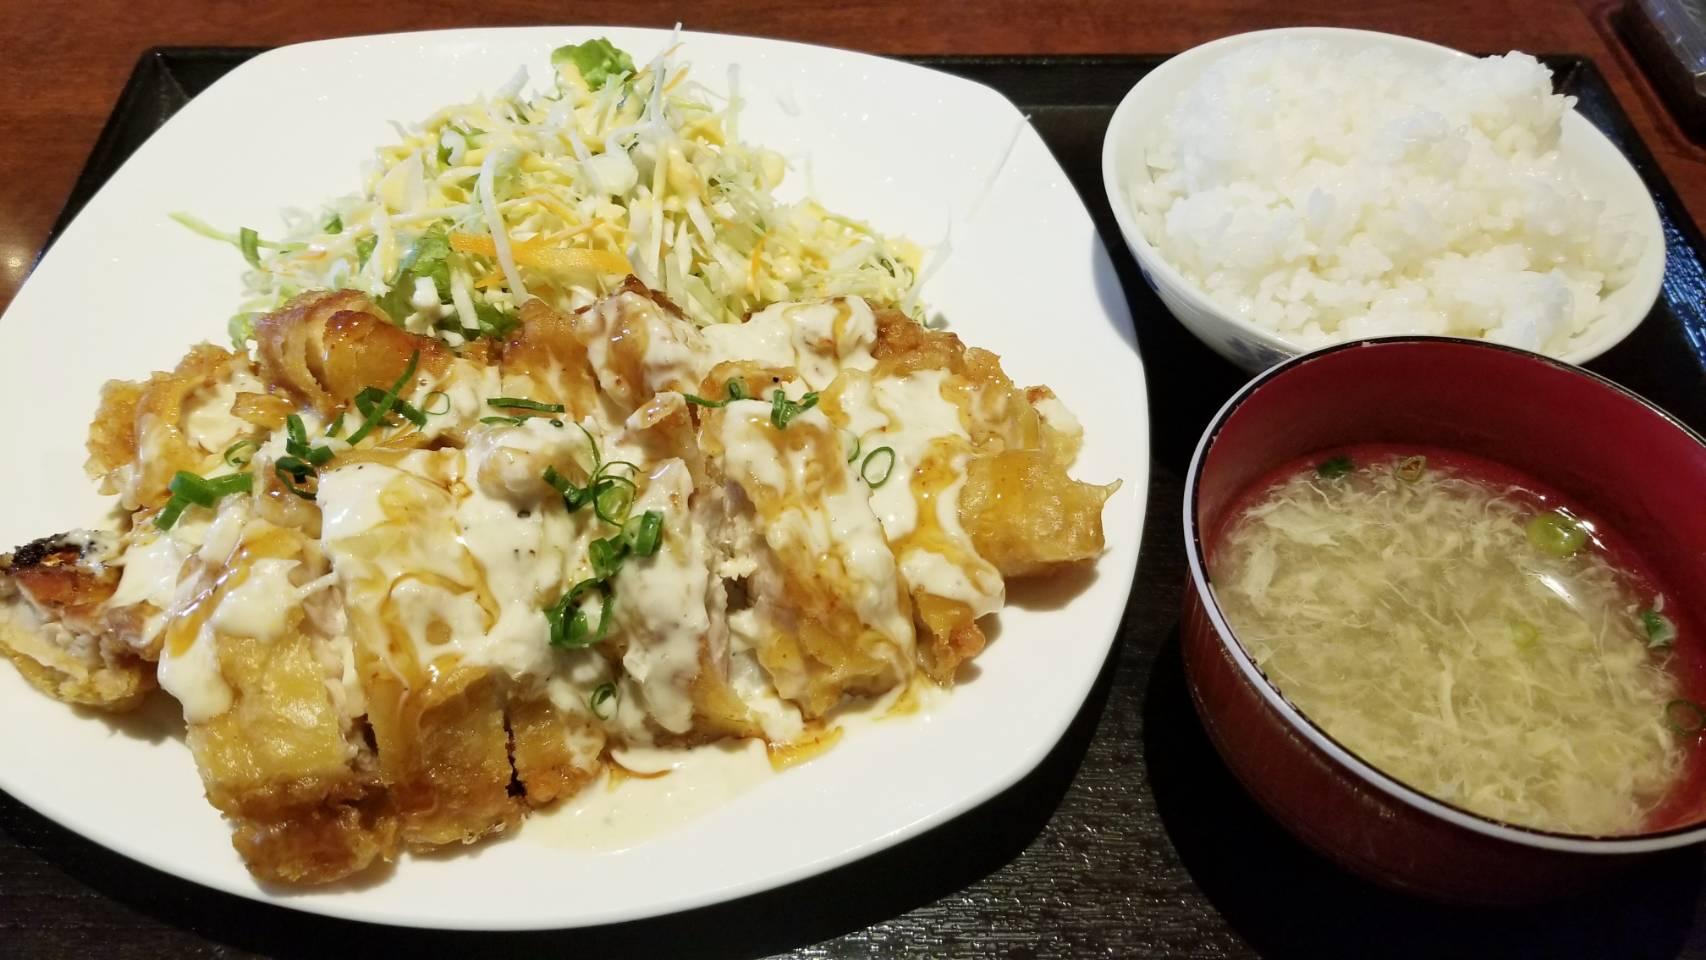 愛媛四国おすすめランチパスポート巡りワンコインボリューム満点定食